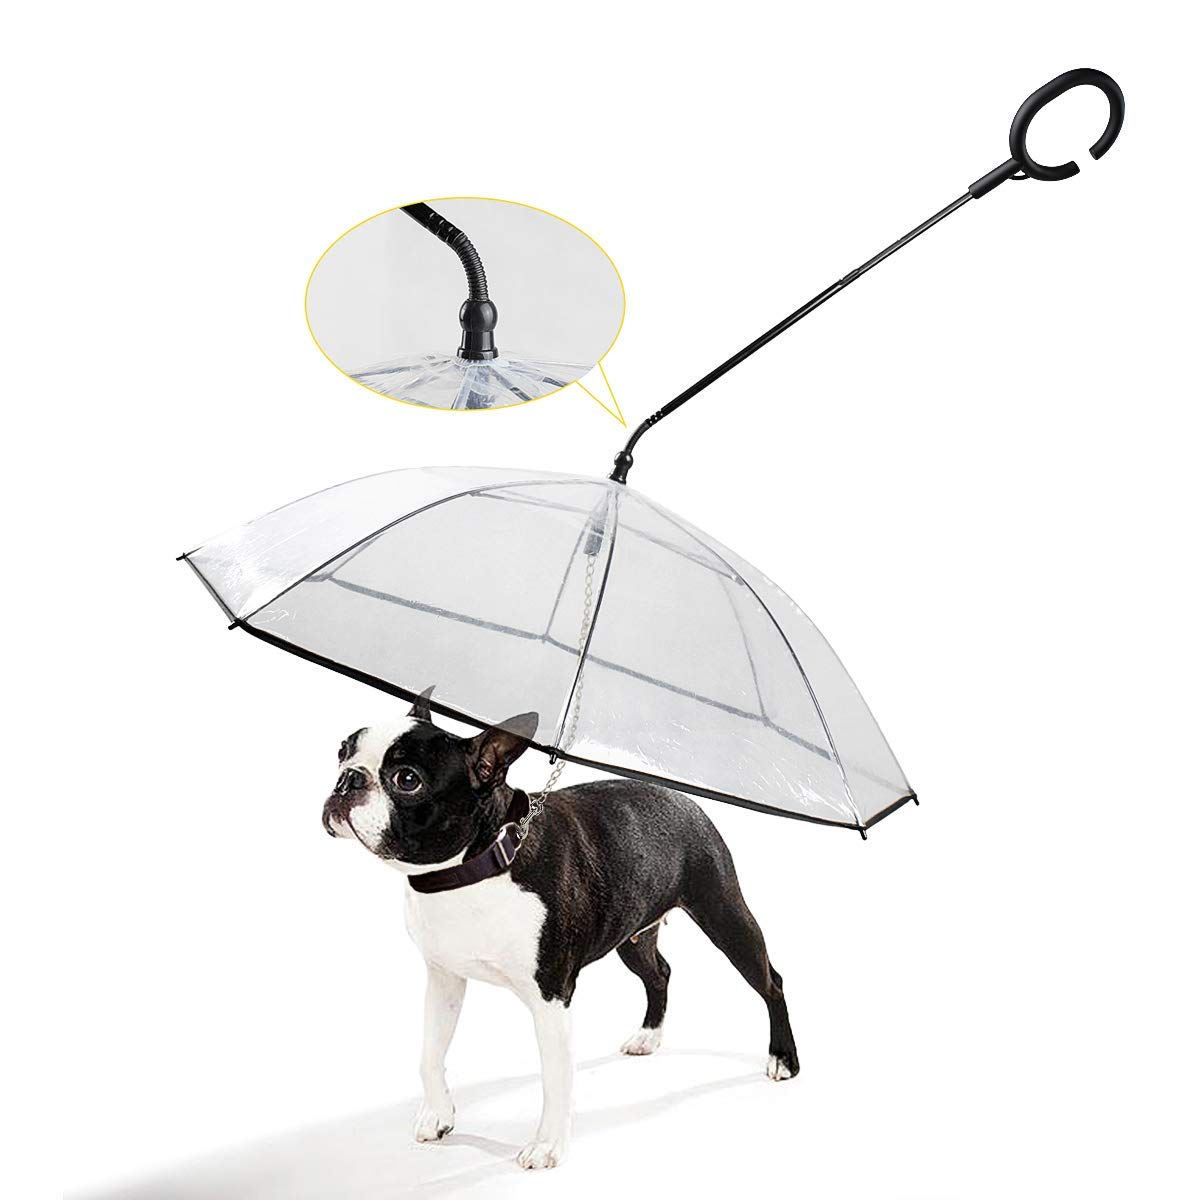 Convenient Transparent Dog Umbrella Portable Umbrella For Dog Clear Raincoat For Dogs Built-in Leash Puppy Umbrella Raincoat D15